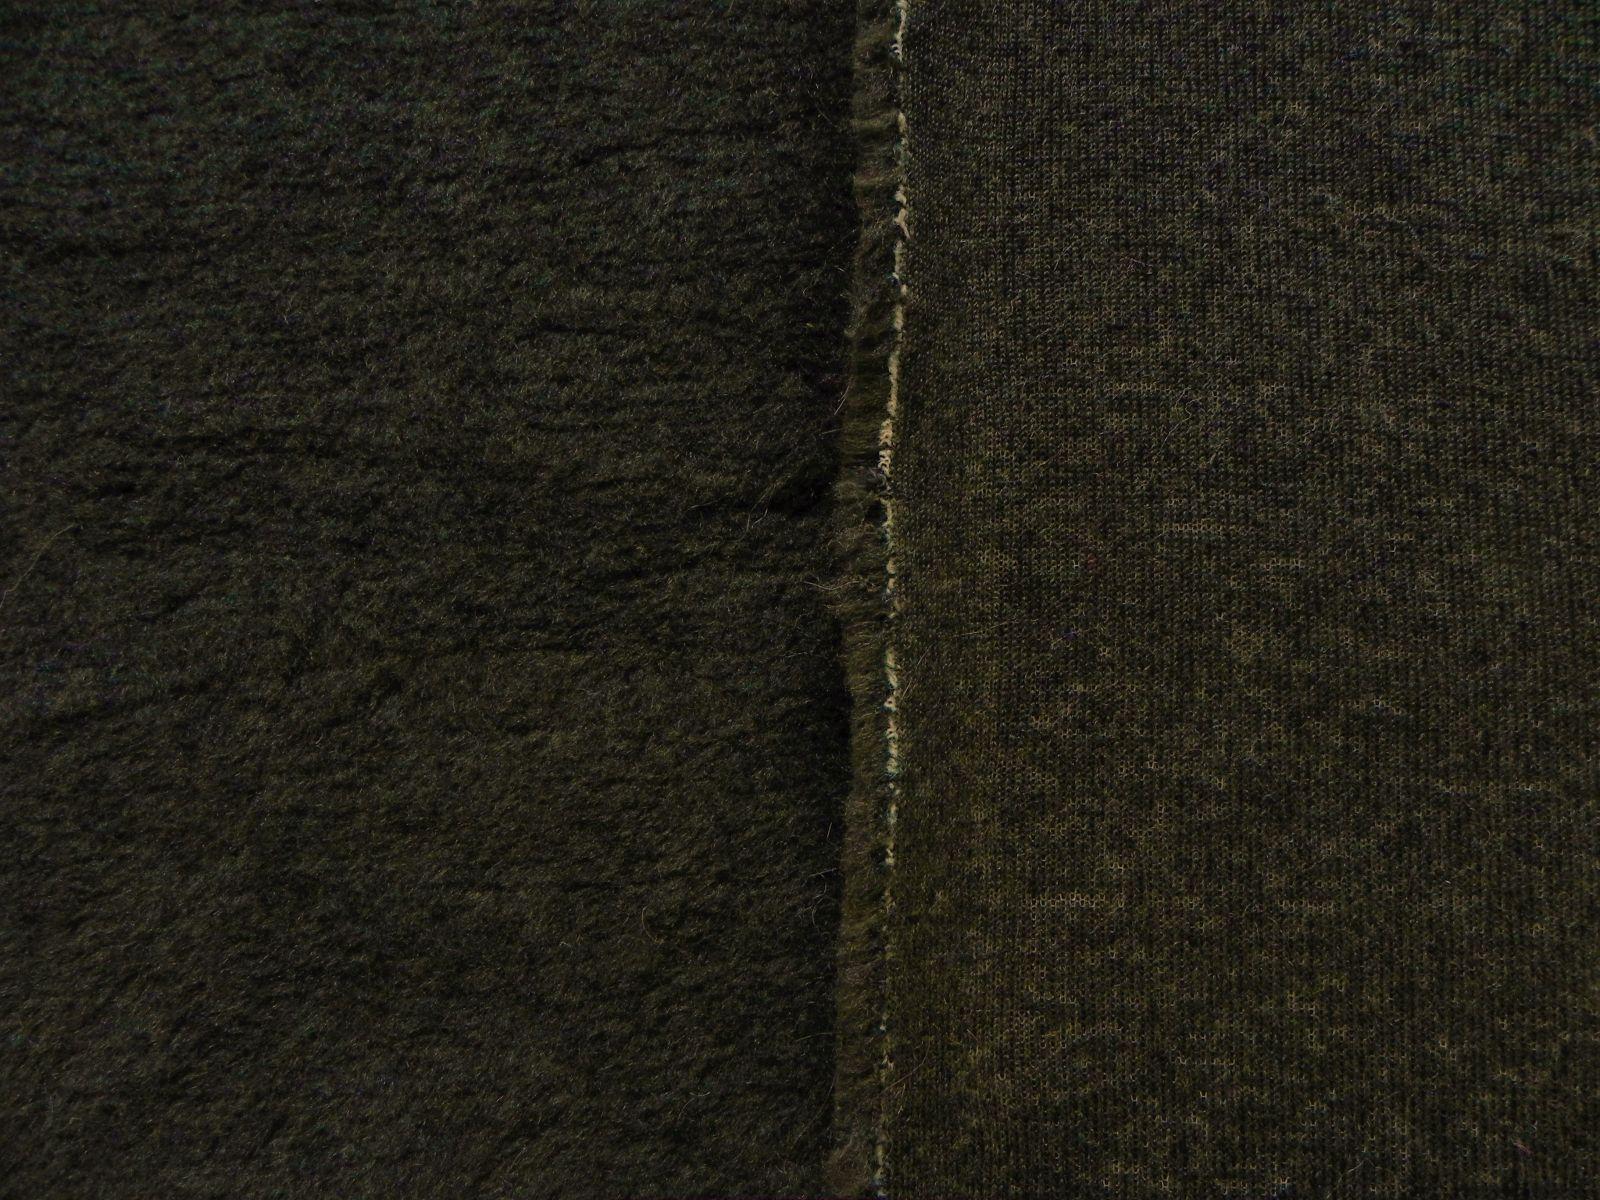 Umělá kožešina s vlnou, tmavé kaki, 12mm vlas, š.146cm